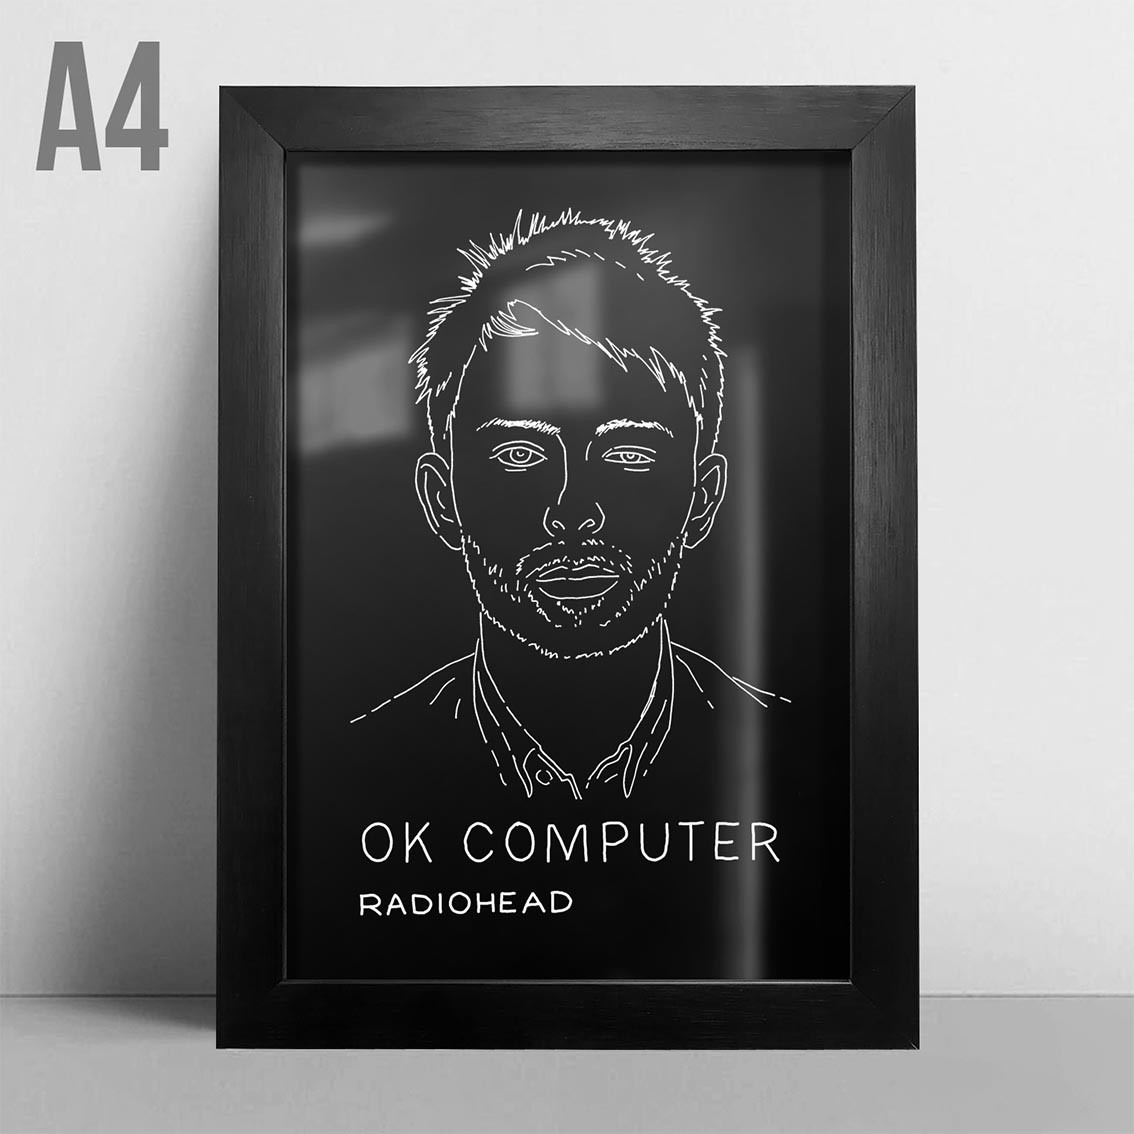 Quadro A4 - Radiohead PT